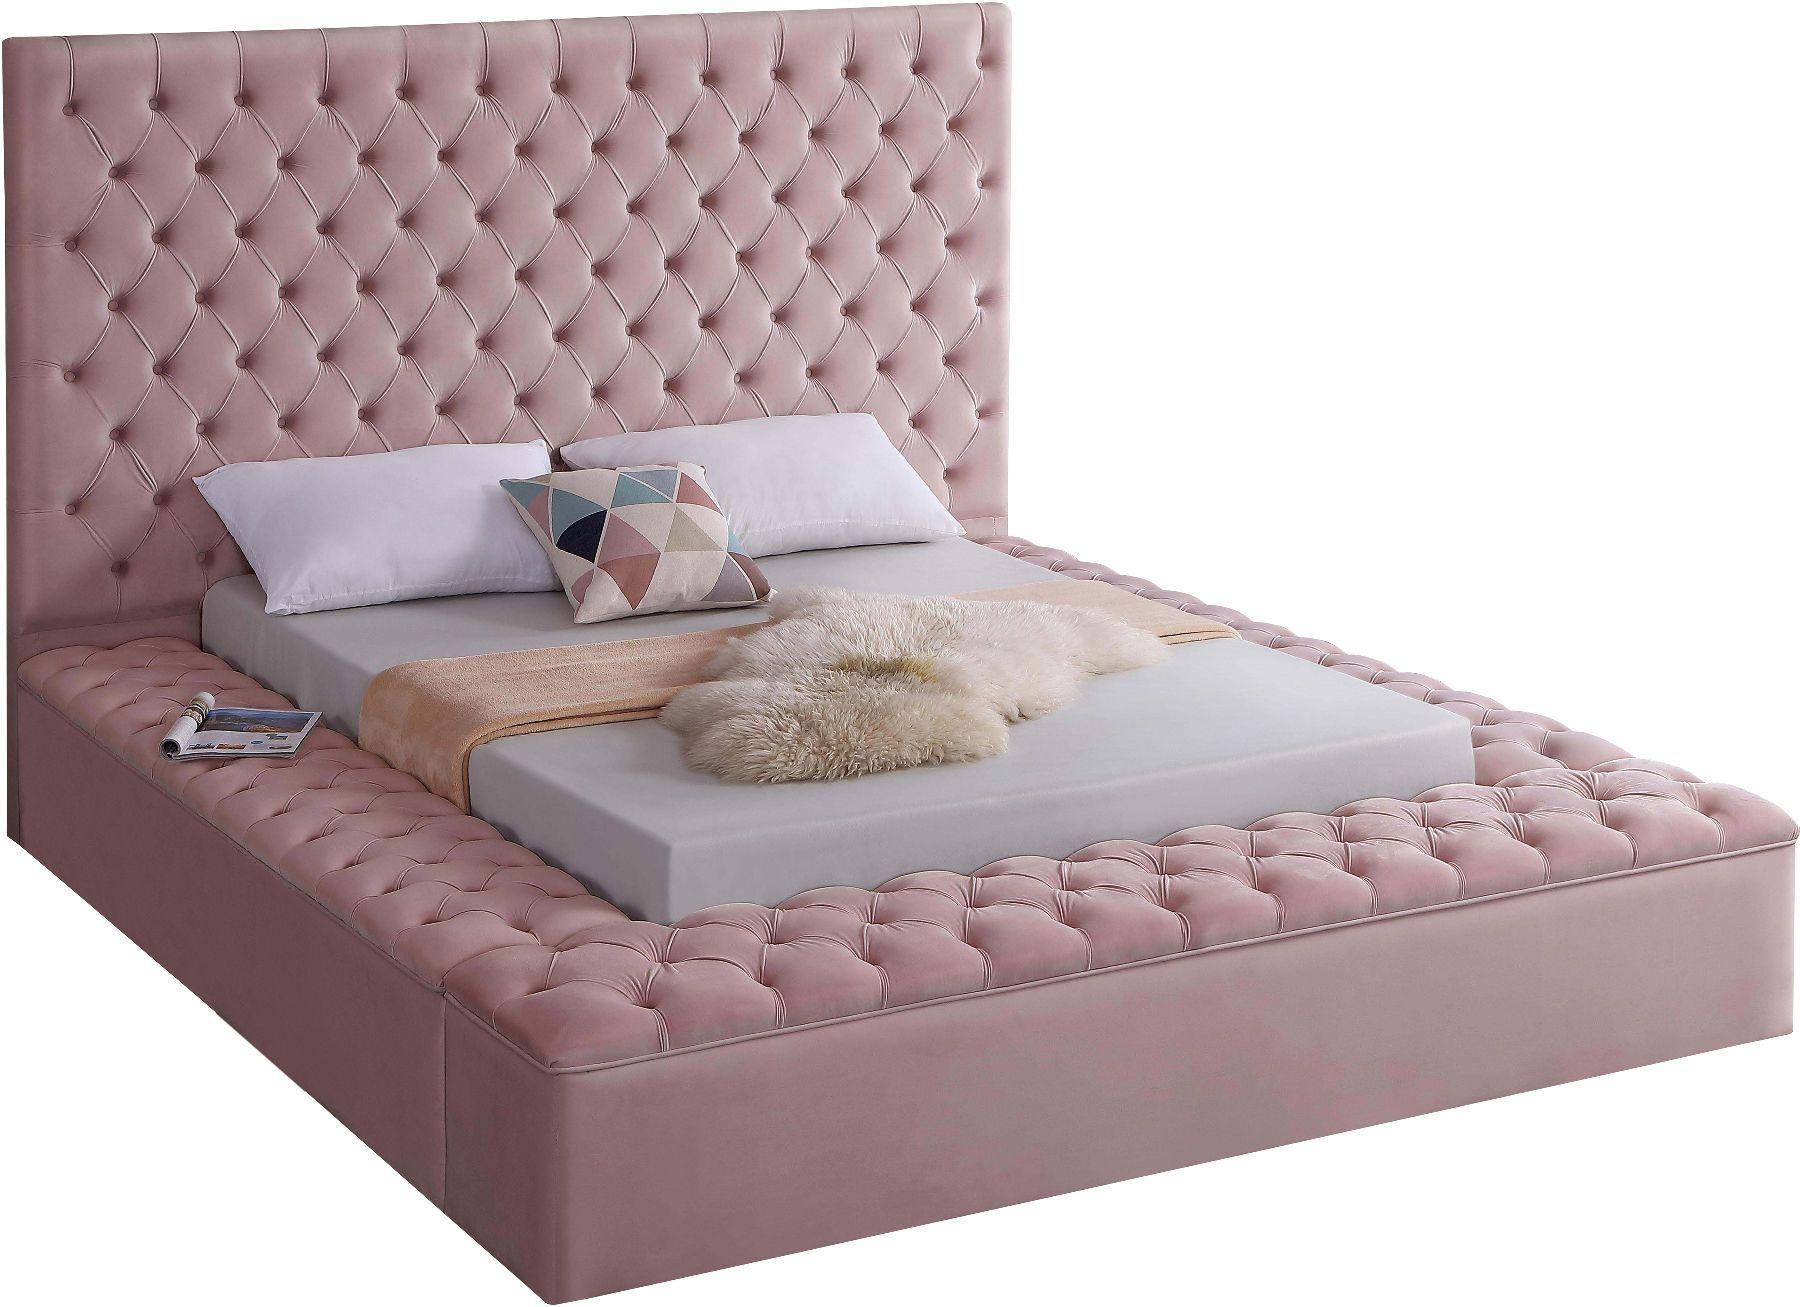 Meridian Bliss Pink Velvet Tufted Full Bed W/ Storage in